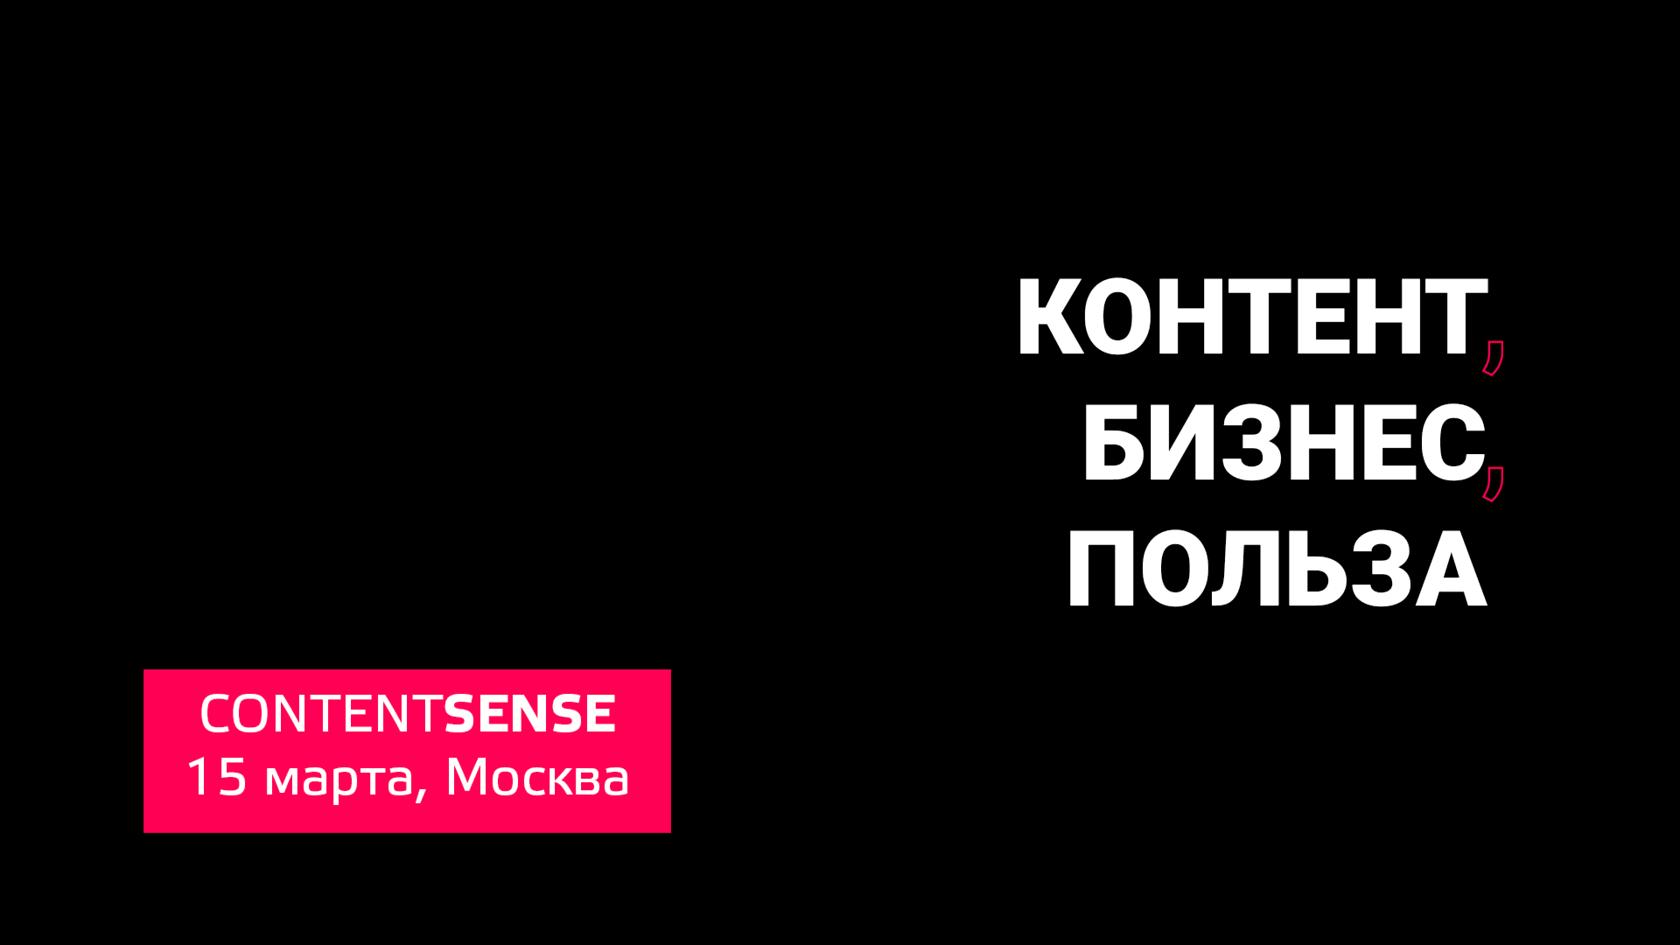 http://contentsense.ru/